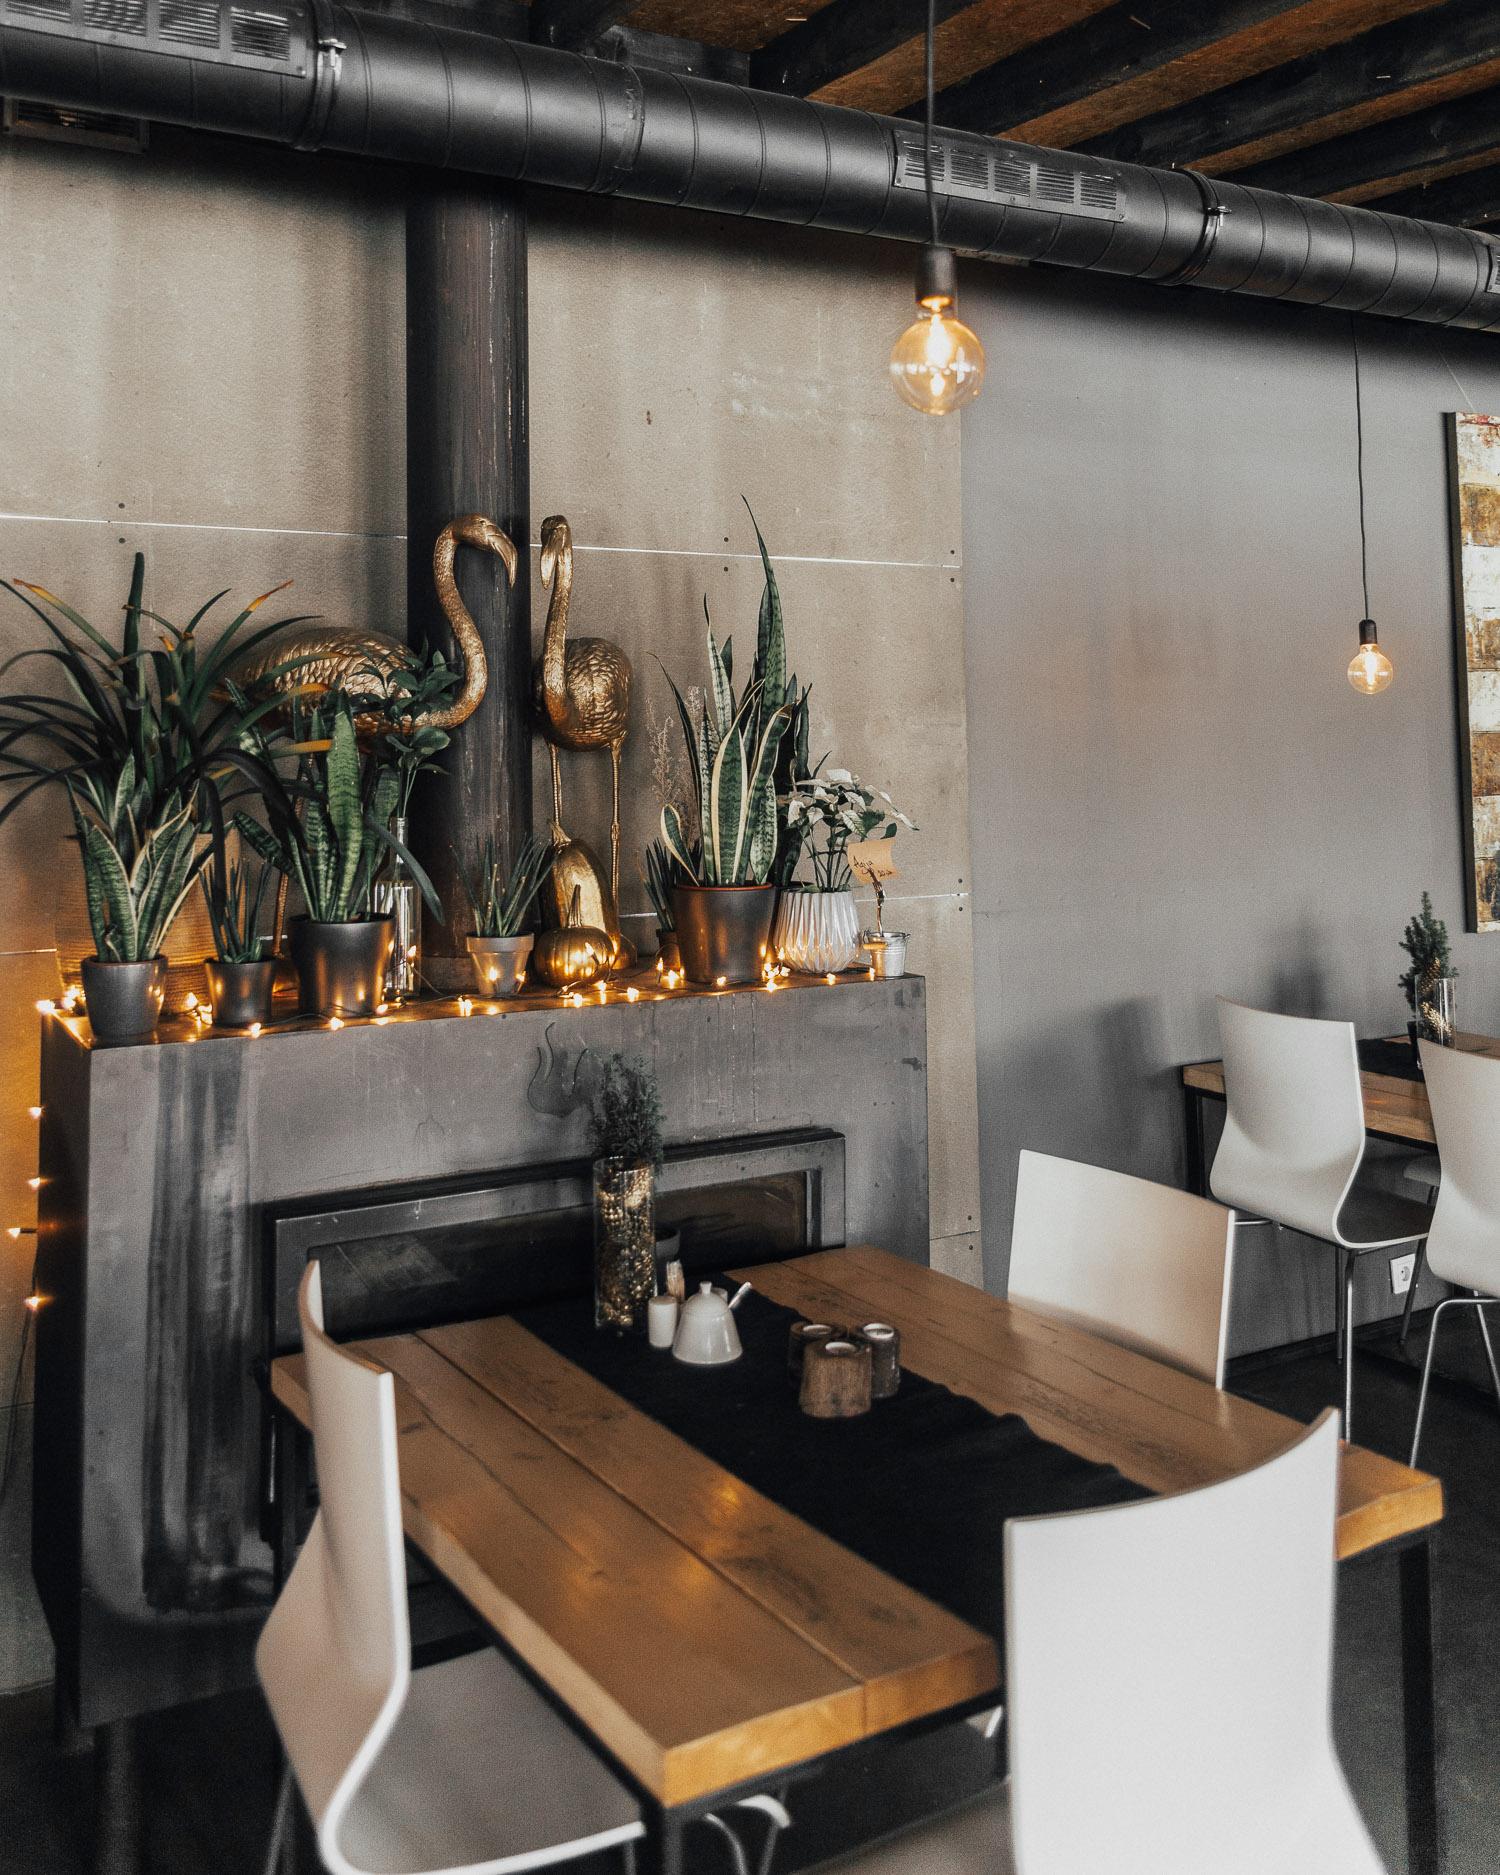 Where to eat in Riga: Annas Dārzs